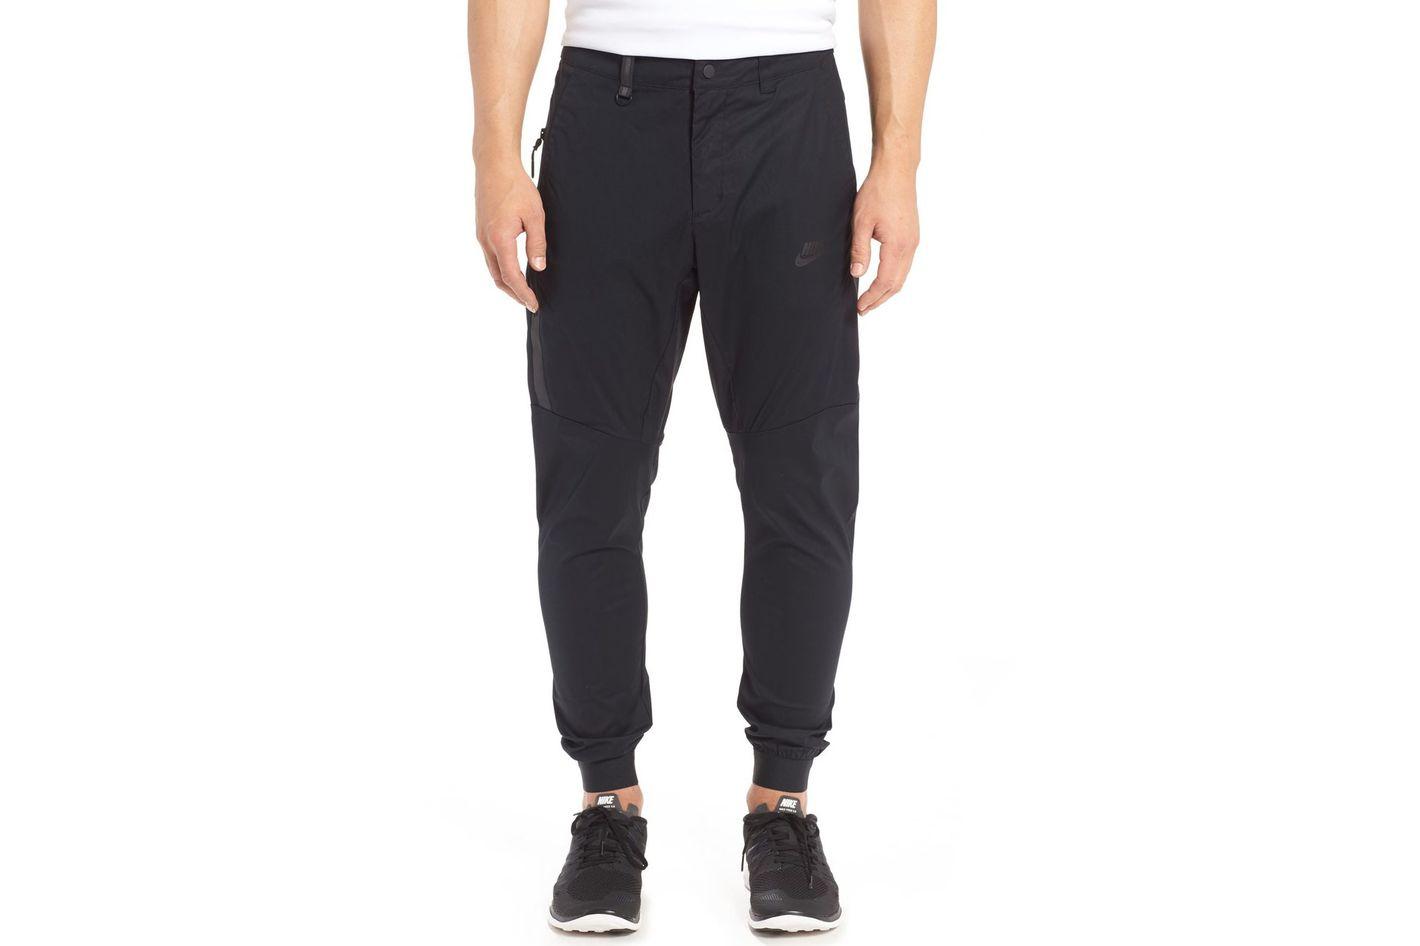 Nike Bonded Jogger Pants